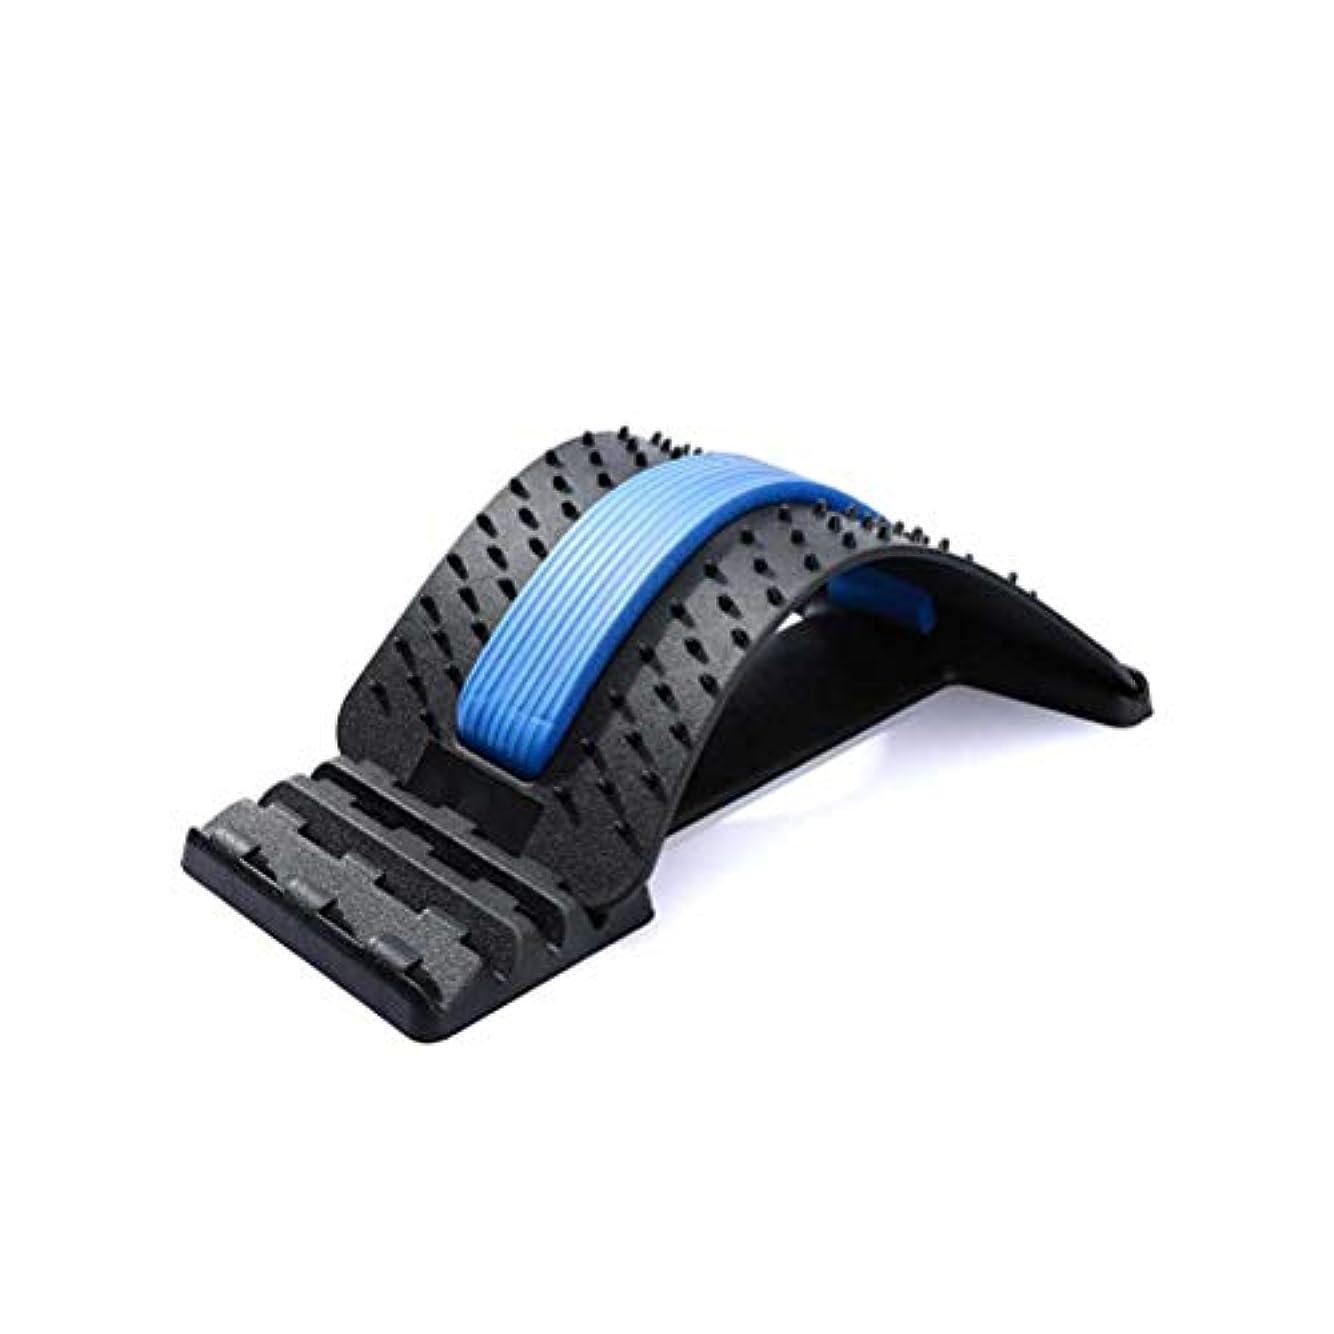 クライストチャーチ指令容疑者SUPVOXバックストレッチングデバイスバックマッサージャーランバーサポートストレッチャー脊椎の背中の痛み筋肉痛の緩和用オフィスチェア(ブラックブルー)